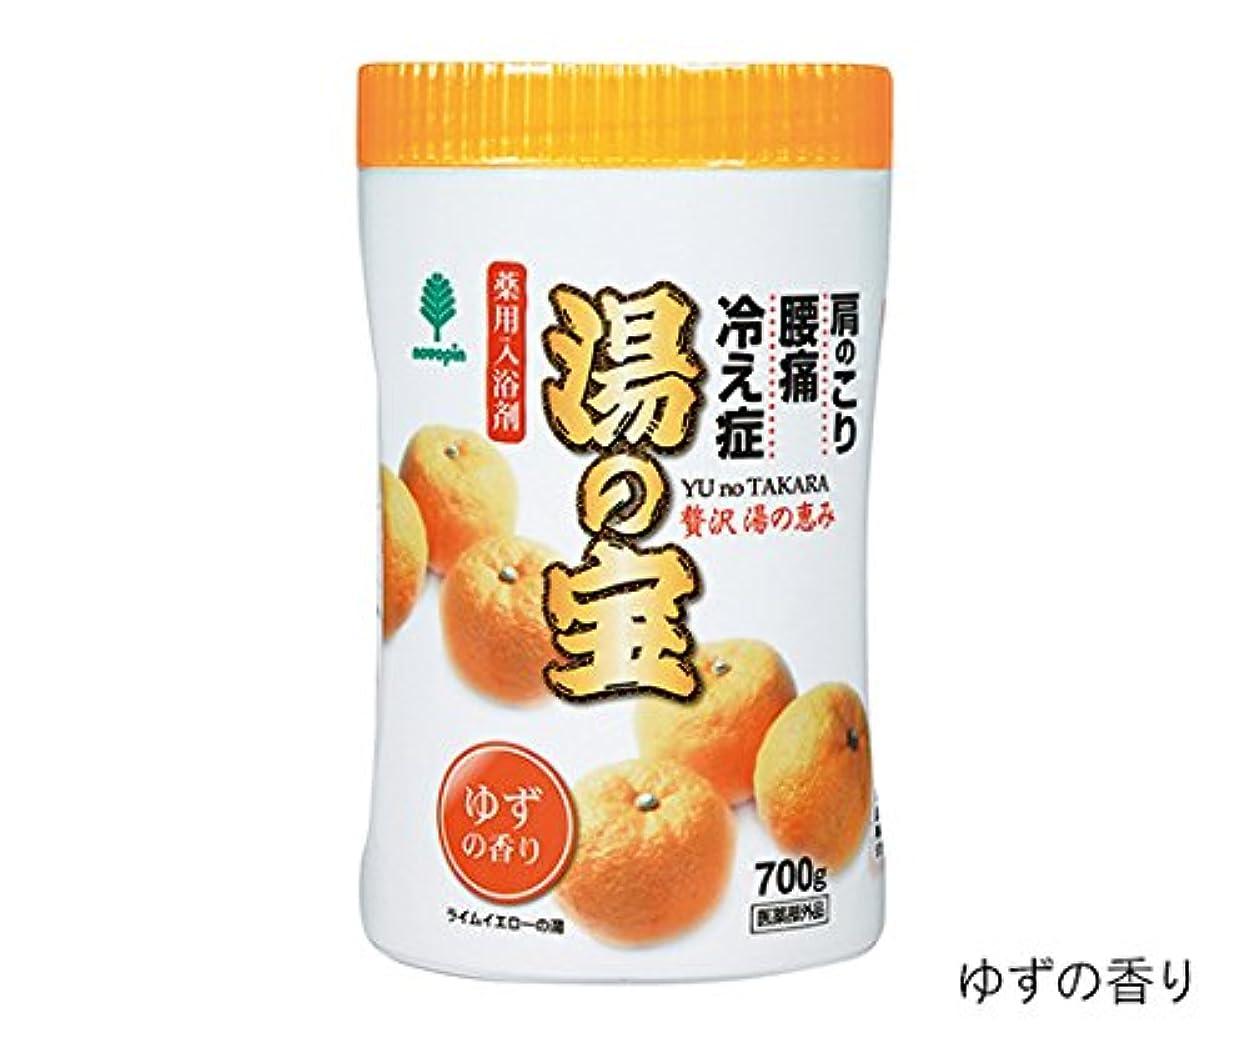 火曜日キャッチくつろぐ紀陽除虫菊7-2542-03入浴剤(湯の宝)ラベンダーの香り700g